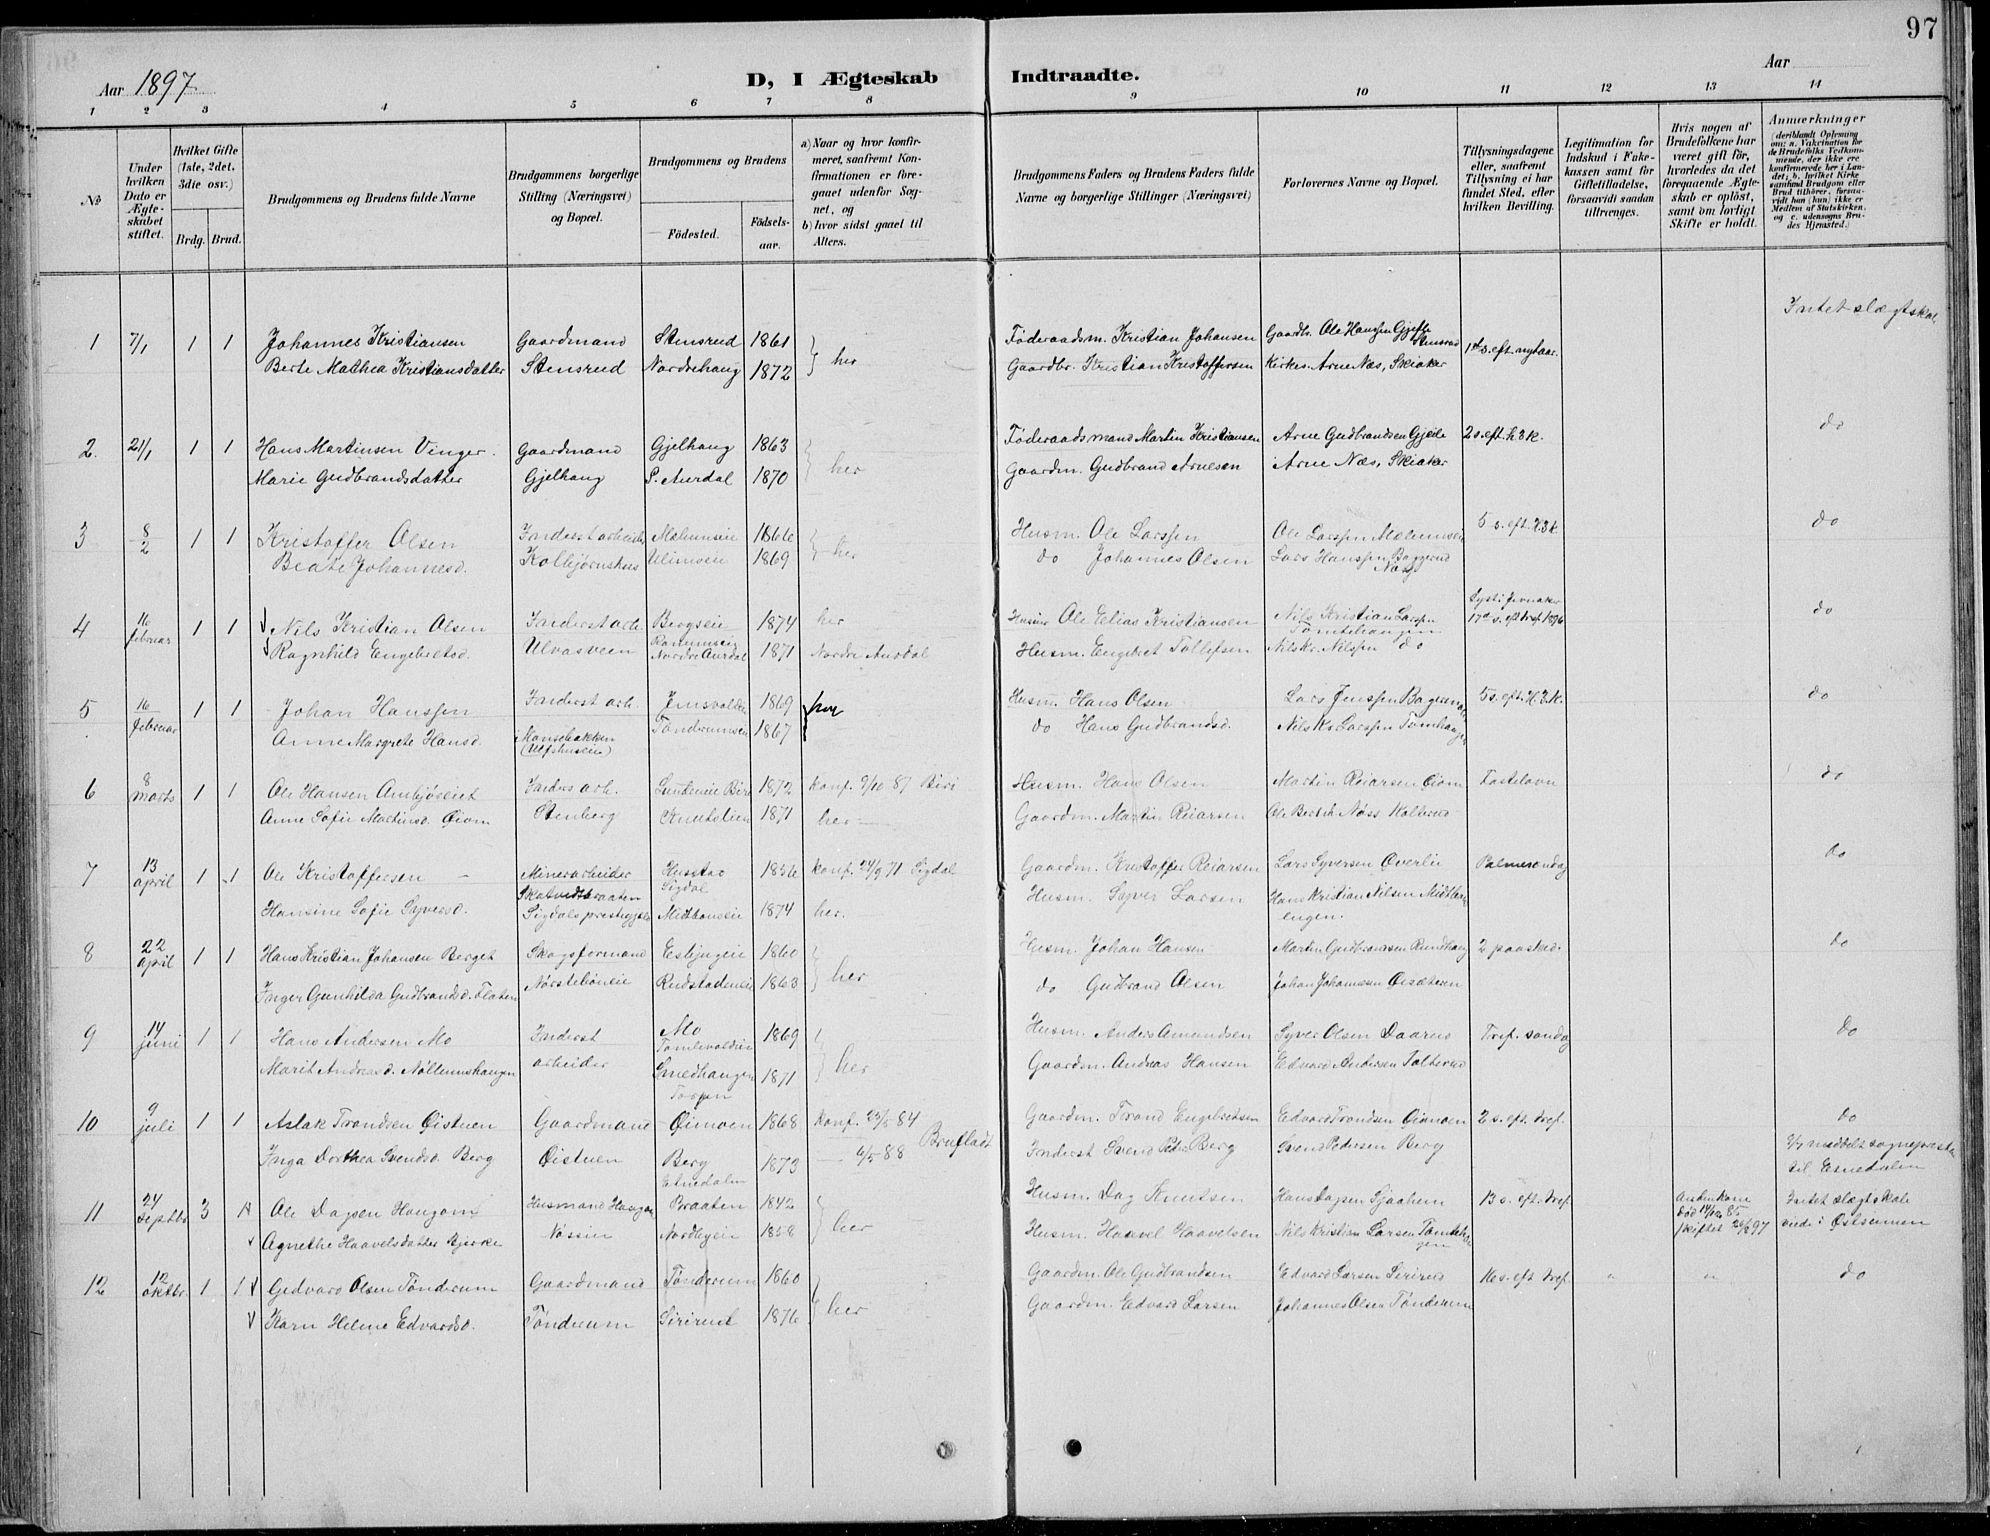 SAH, Nordre Land prestekontor, Klokkerbok nr. 13, 1891-1904, s. 97